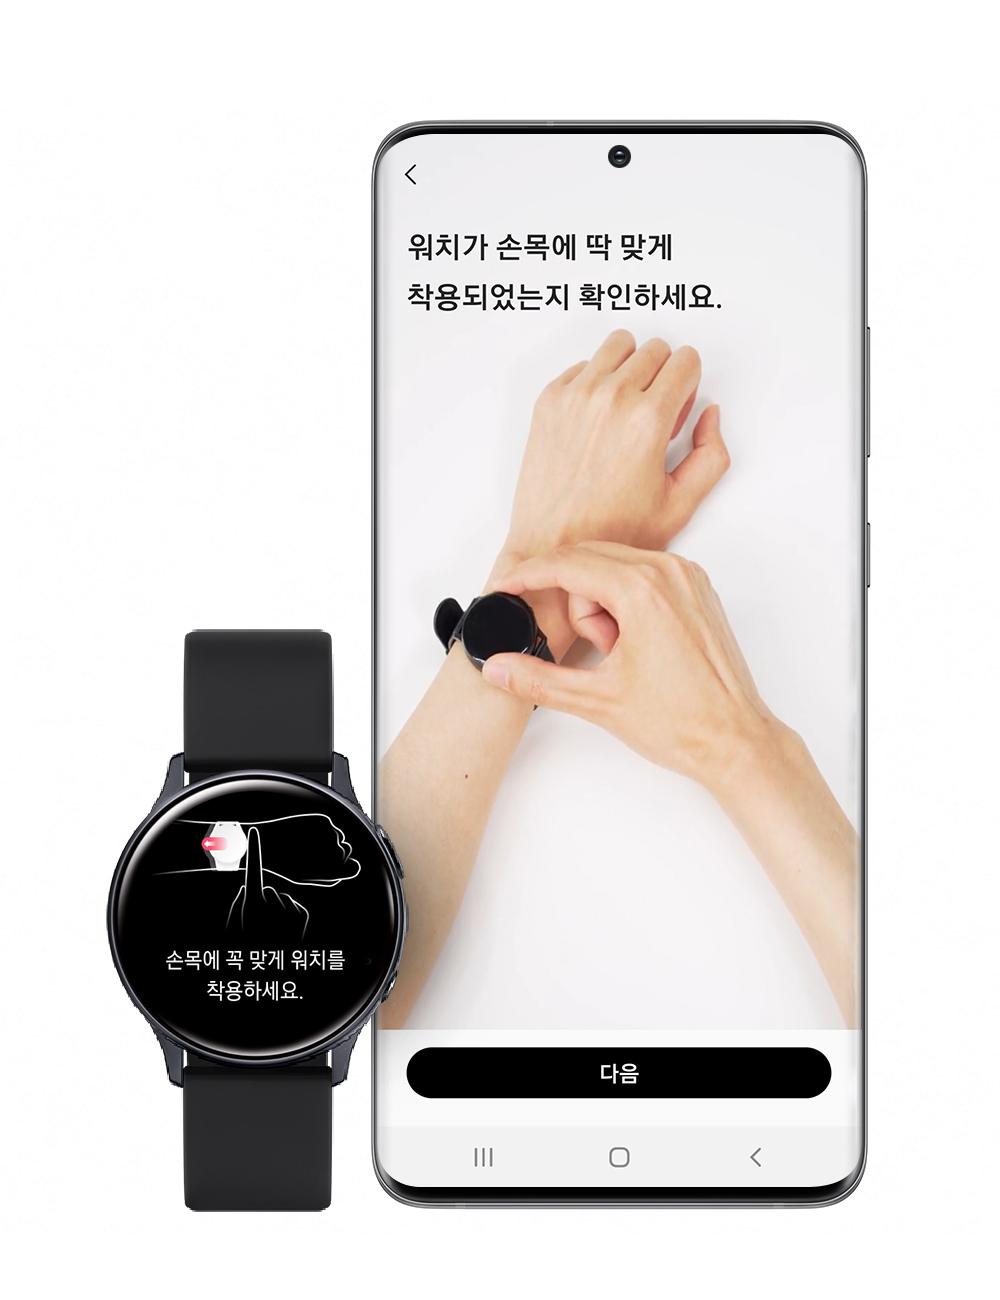 위치가 손목에 딱 맞게 착용되었는지 확인하세요. 손목에 꼭 맞게 위치를 착용하세요. 다음